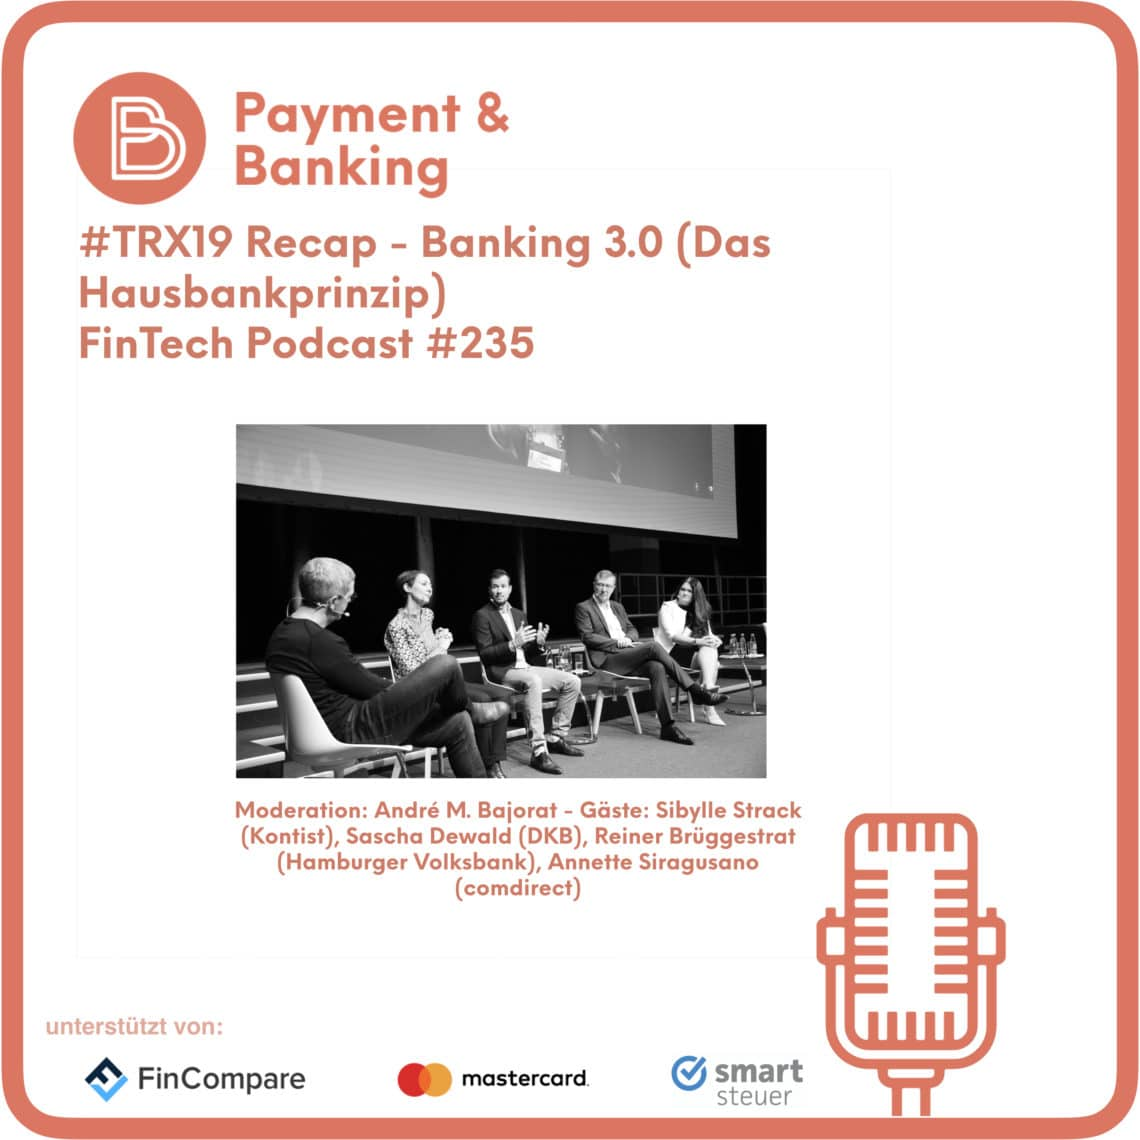 FinTech Podcast #235 - Banking 3.0 (Das Hausbankprinzip)